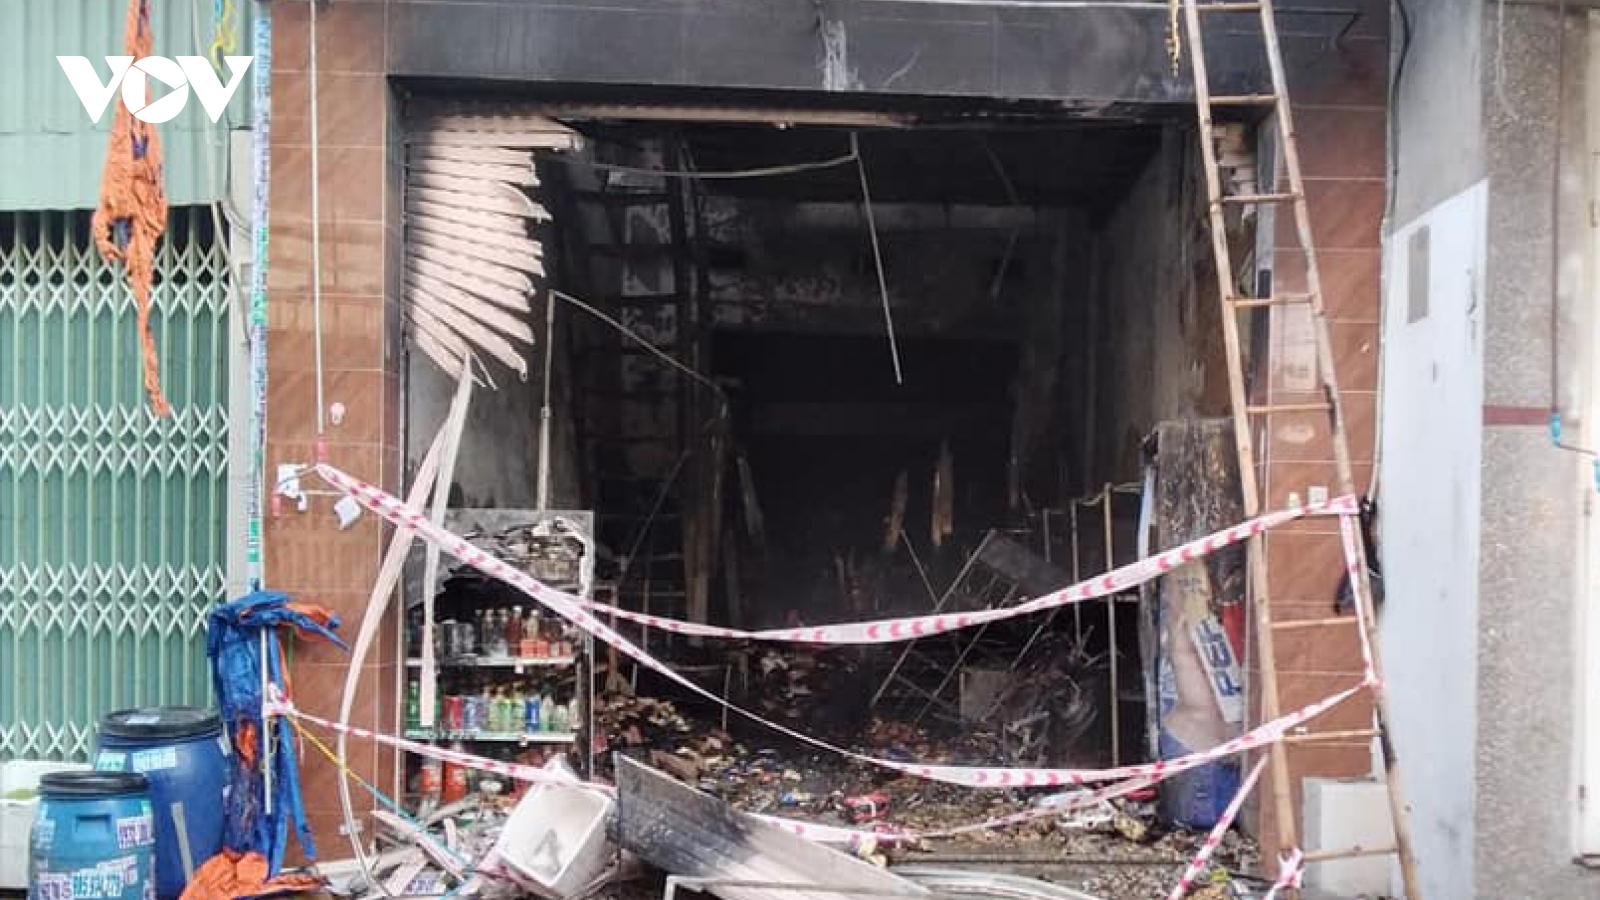 Đã có 5 nguời chết trong vụ cháy cửa hàng tạp hóa ở Bình Dương